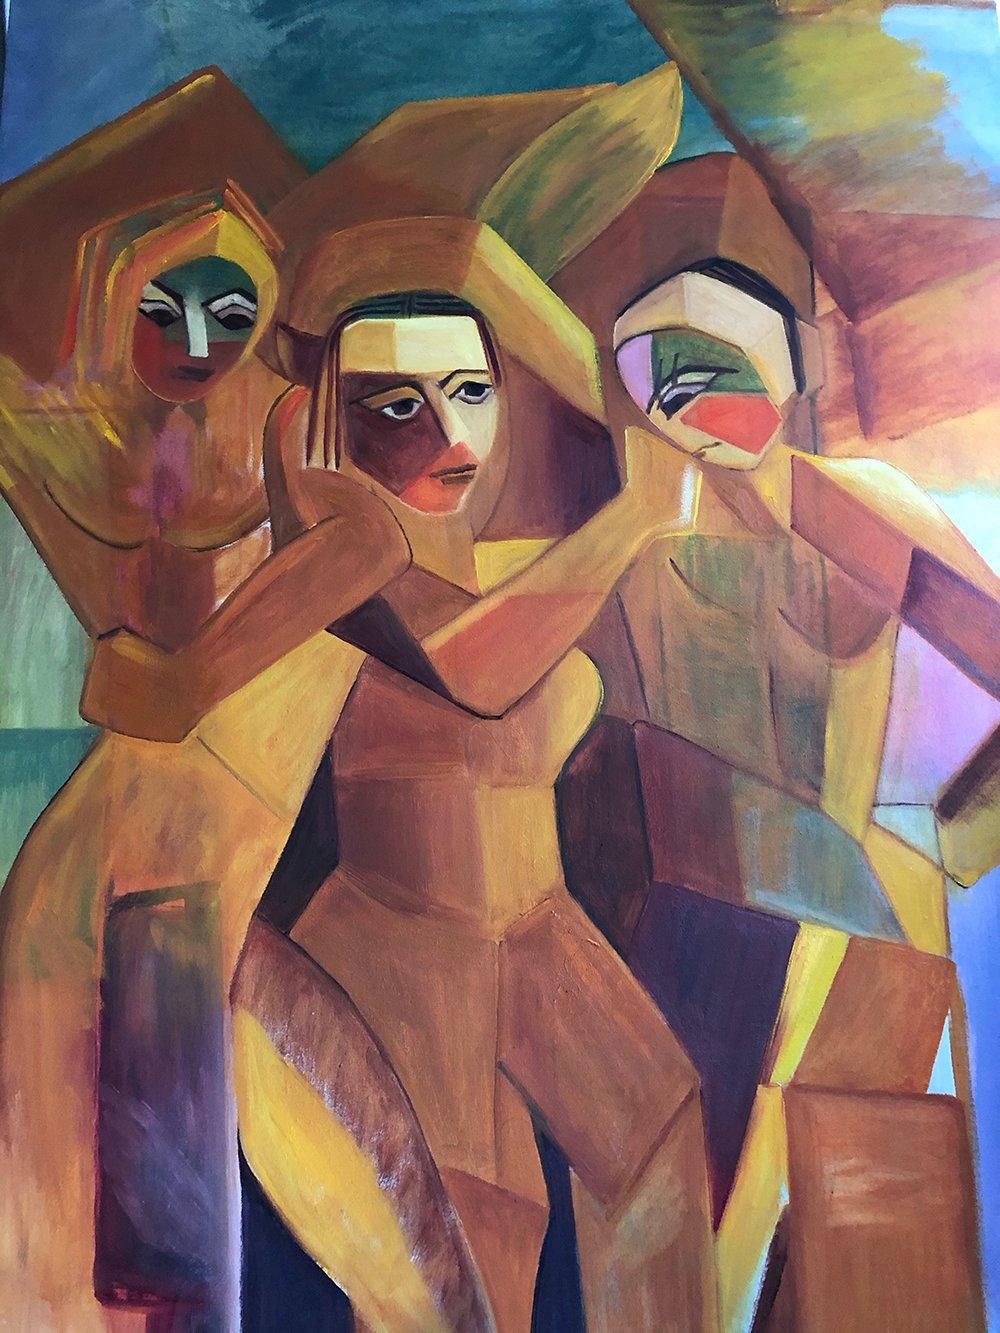 Goddesses of Millennials (After Cubism)